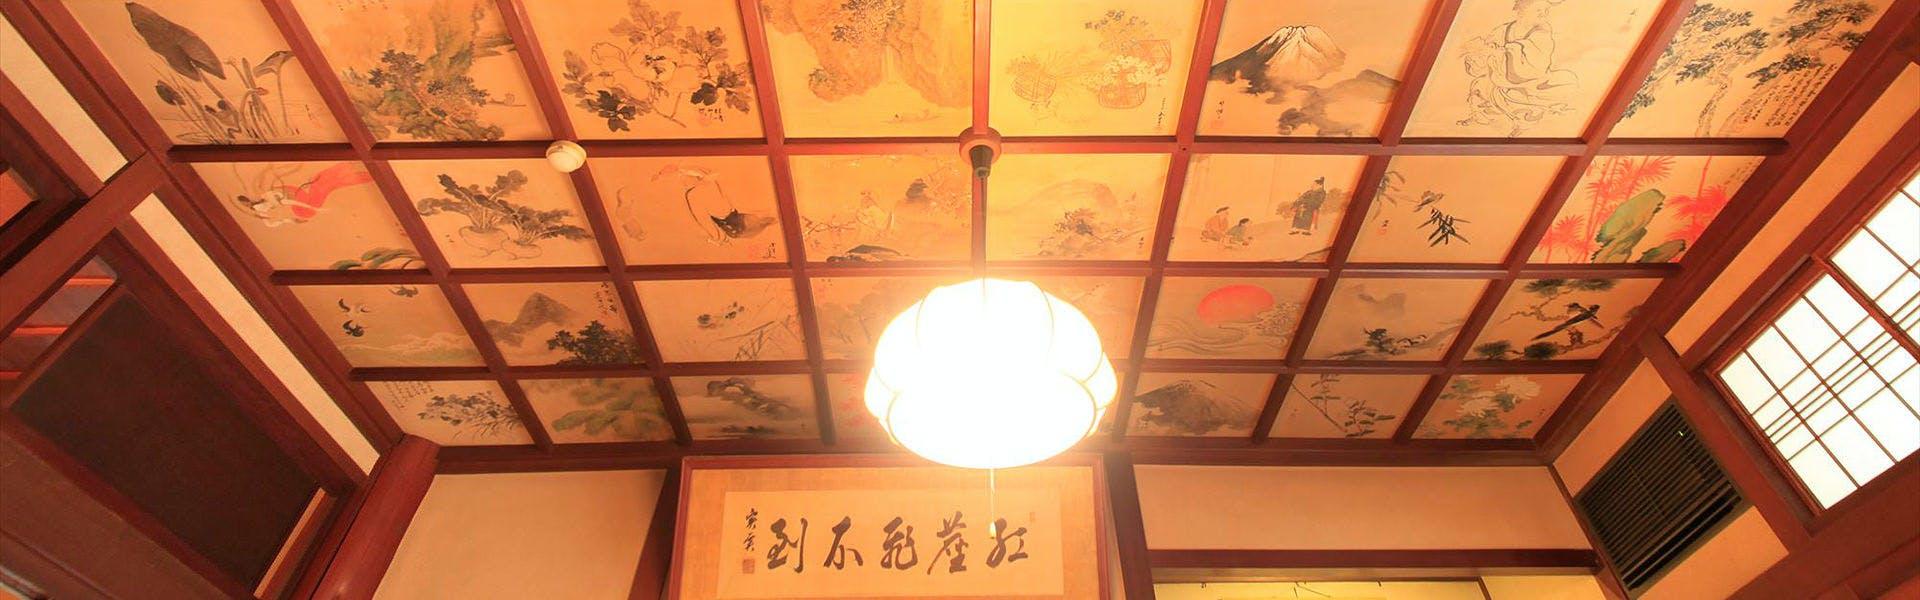 記念日におすすめのホテル・箱根湯本温泉 萬翠楼 福住の写真1